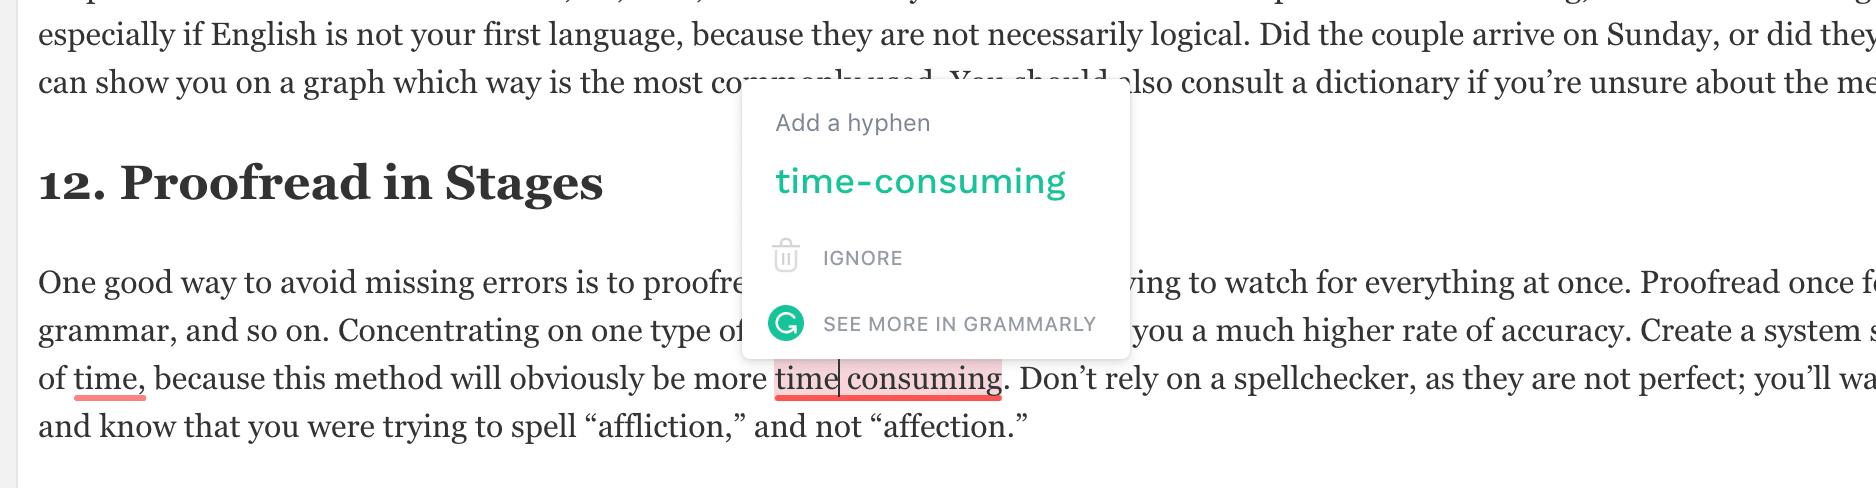 Esempio di Grammarly